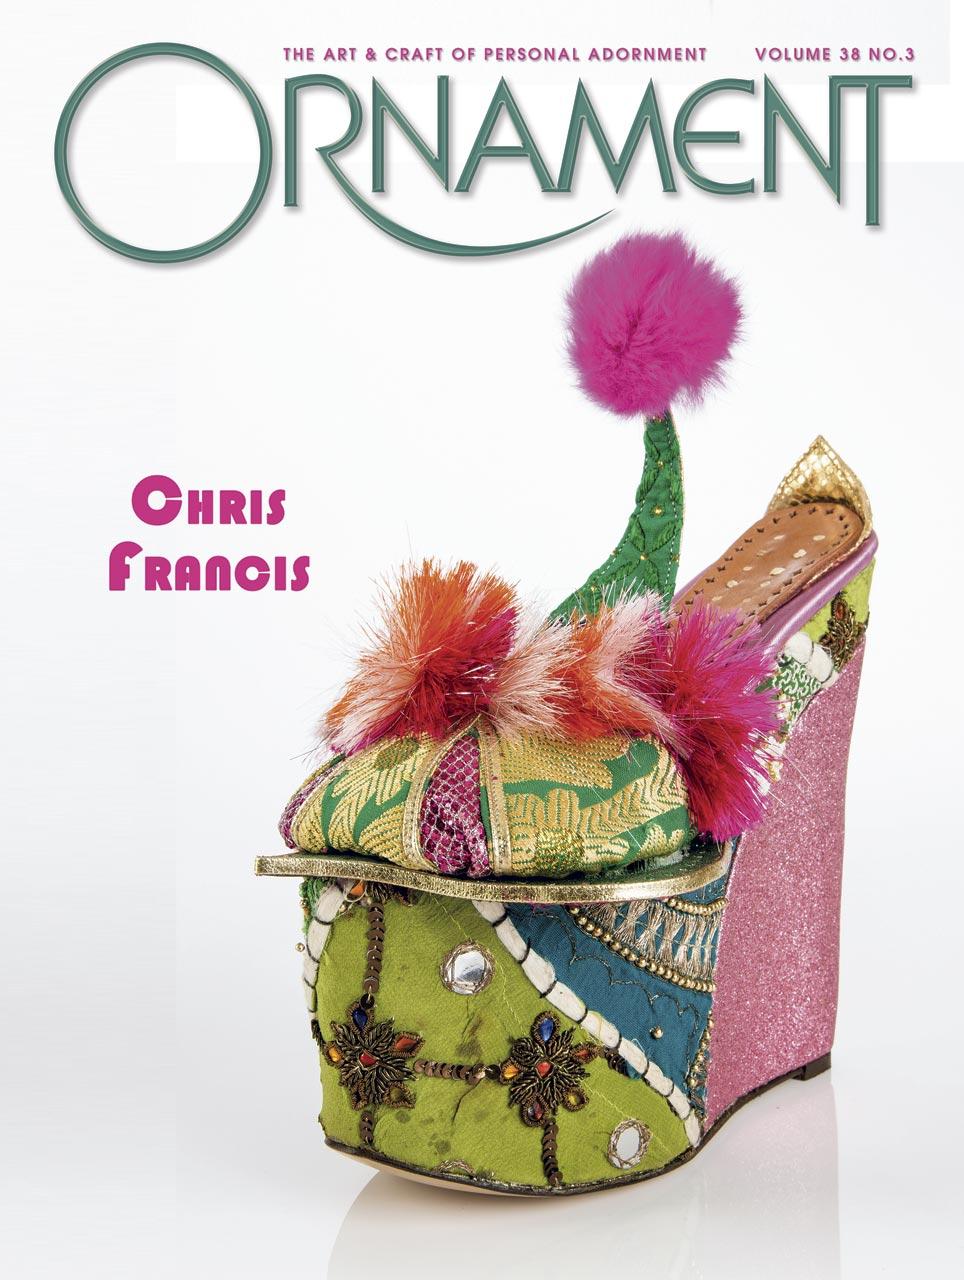 Orn38_3_Cover.jpg